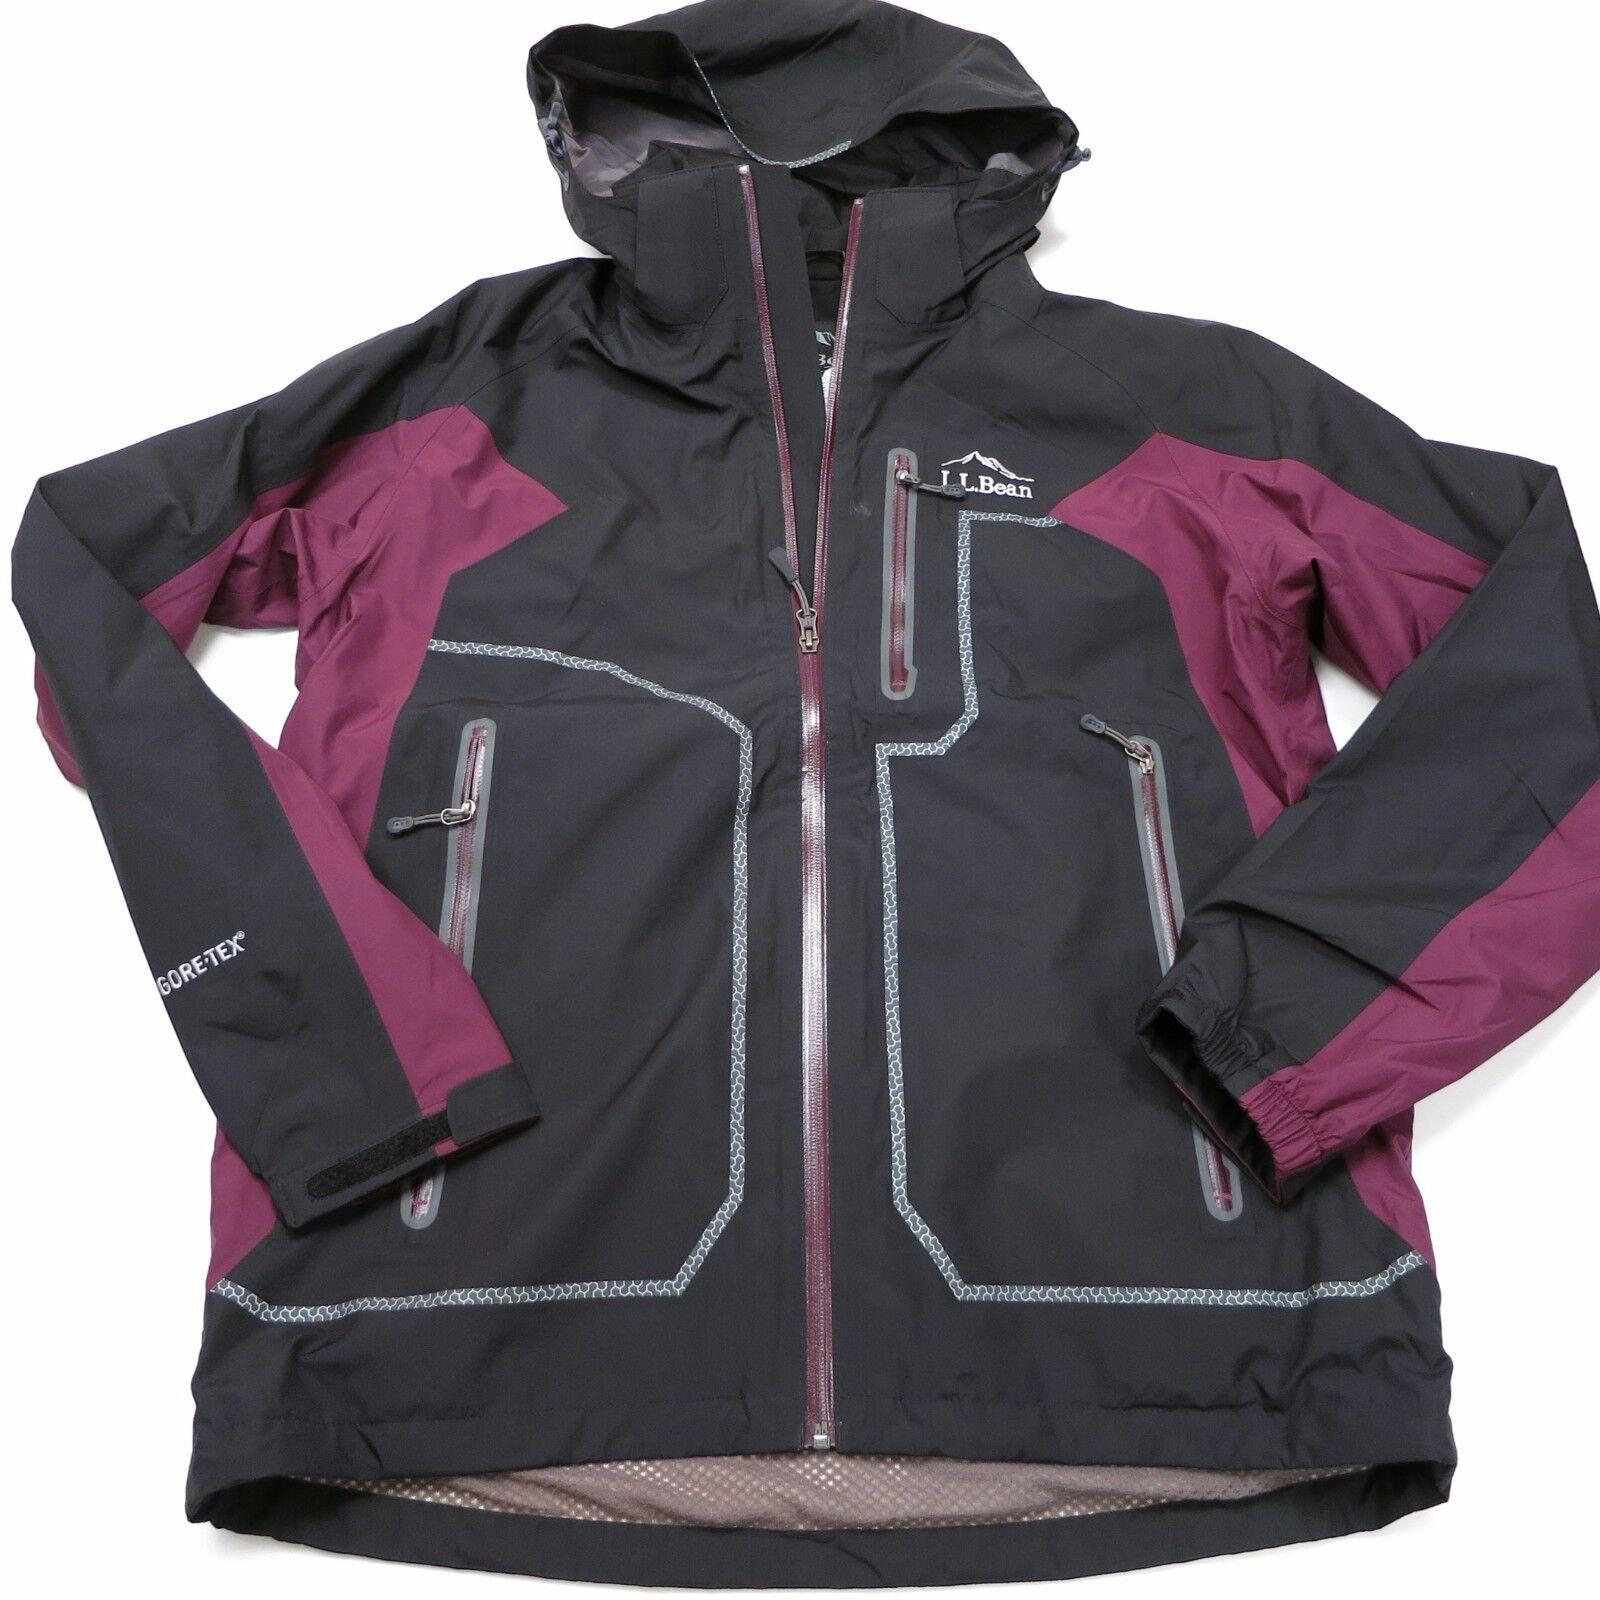 $400 L.L. Bean Men's Full Feature Lined & Gore-Tex® Jacket